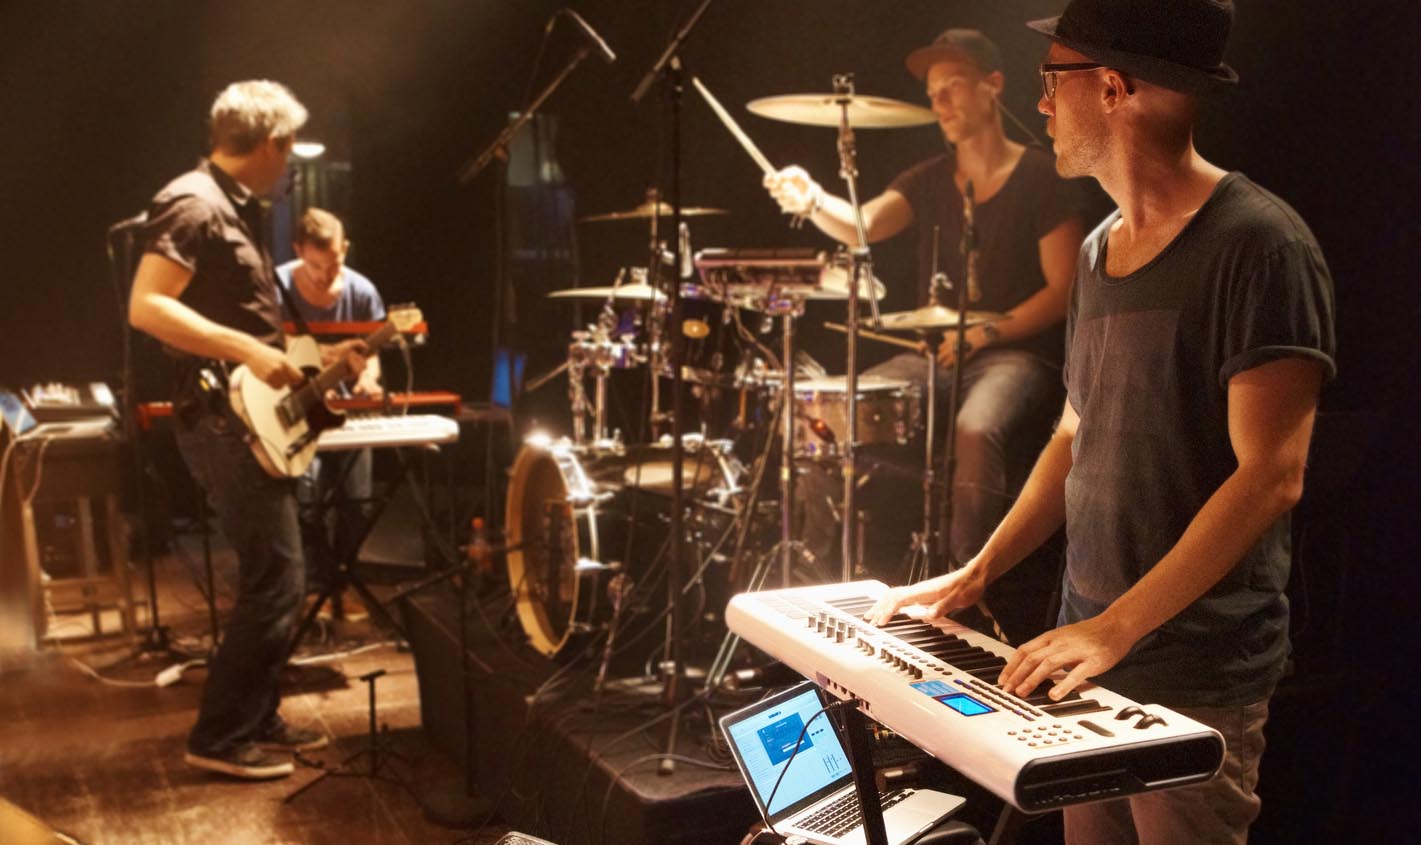 Musikk uten grenser band